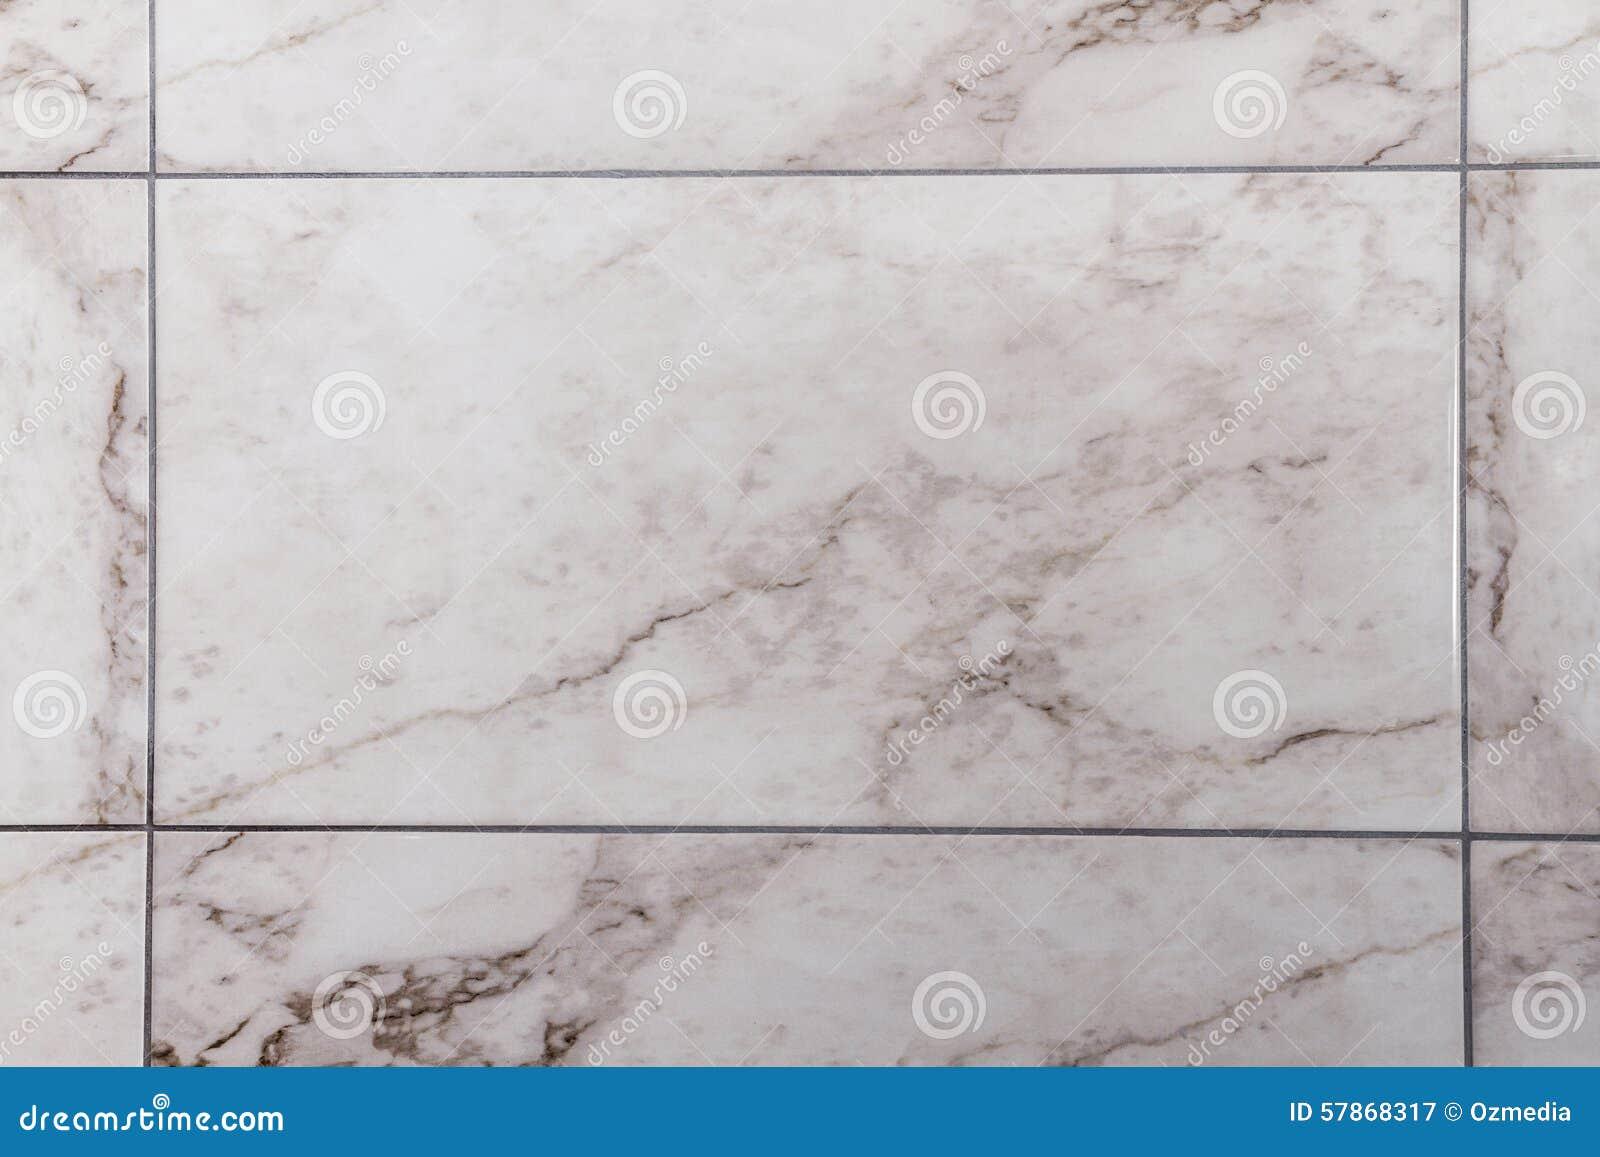 Bianco piastrella di ceramica del tipo di marmo grigia immagine